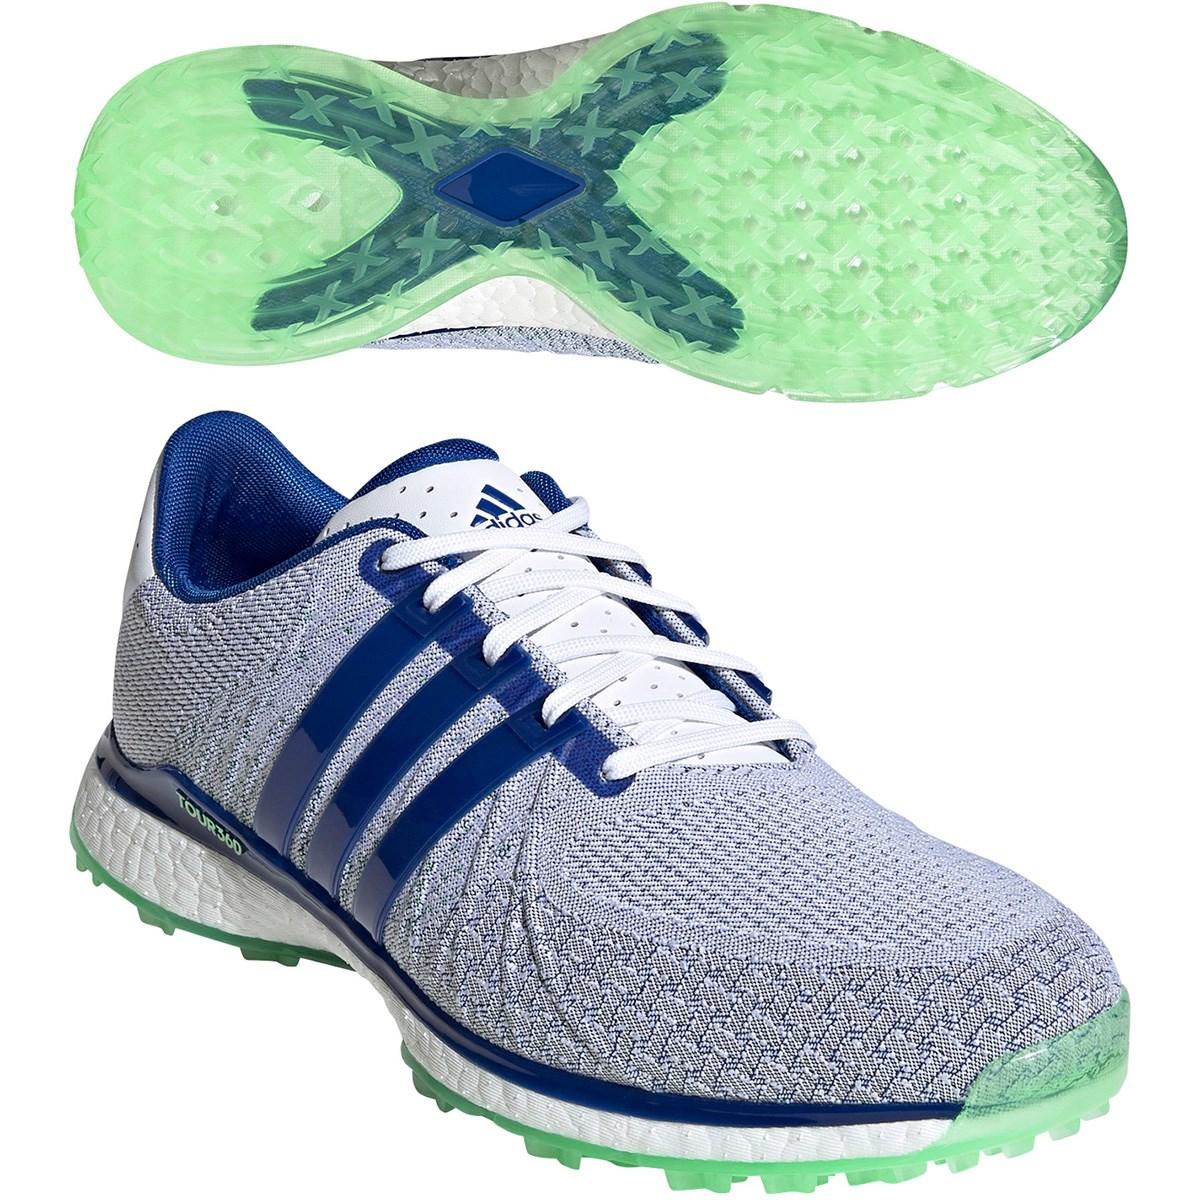 アディダス Adidas ツアー360 XT-SL テキスタイル シューズ 24.5cm ホワイト/ロイヤルブルー/グローリーミント